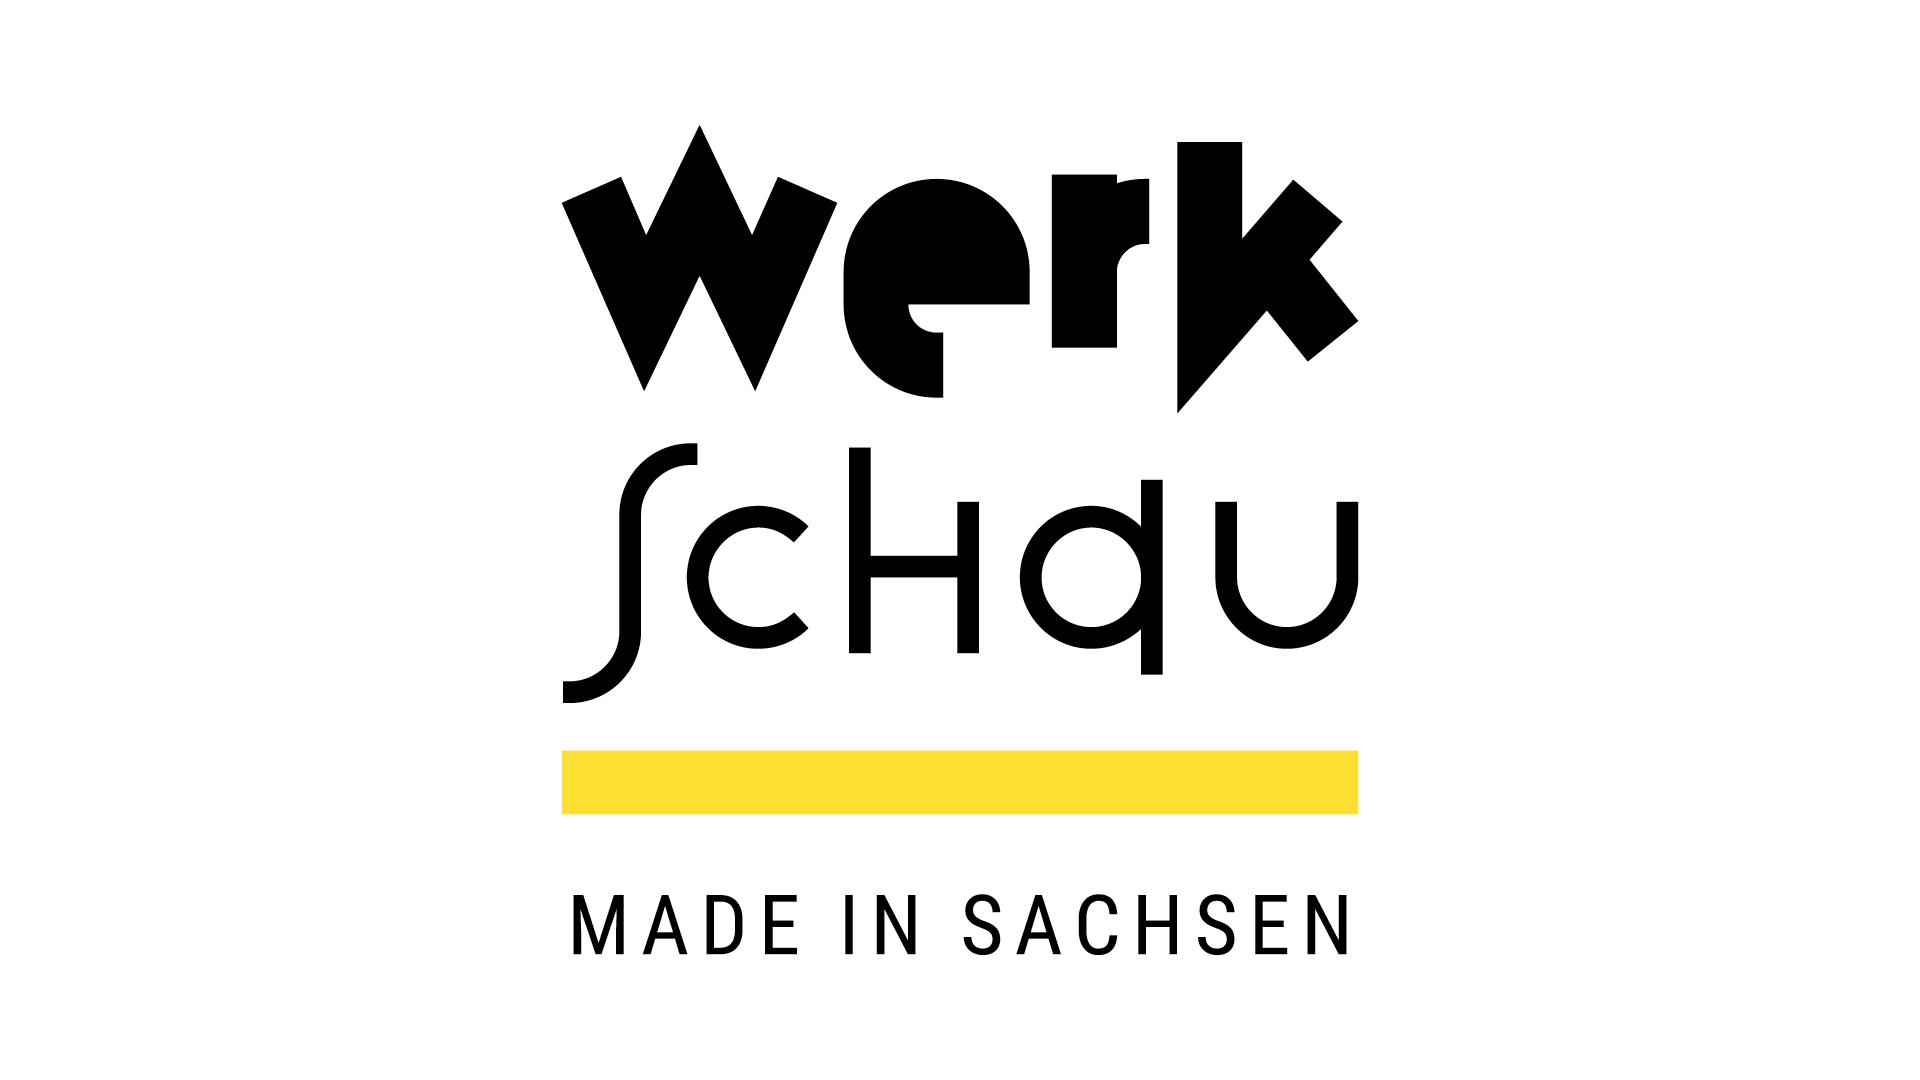 WerkSchau_MadeinSachsen (1)